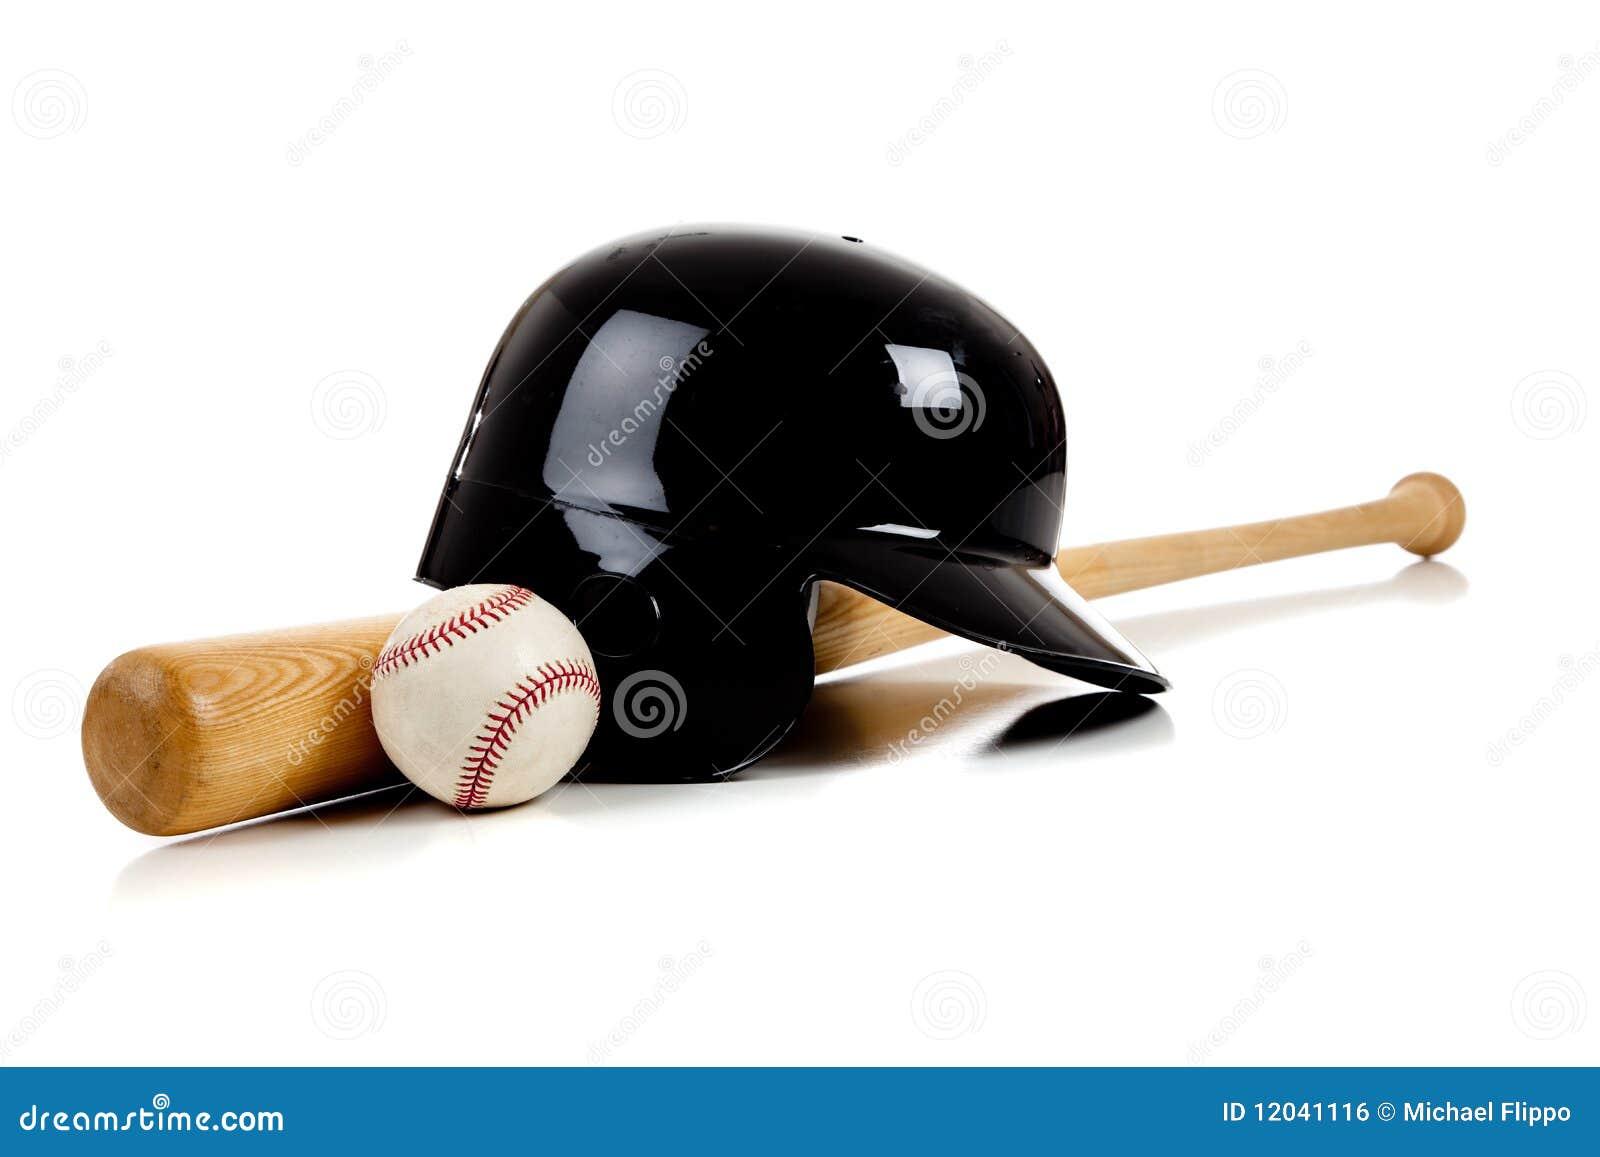 http://thumbs.dreamstime.com/z/baseball-equipment-white-12041116.jpg